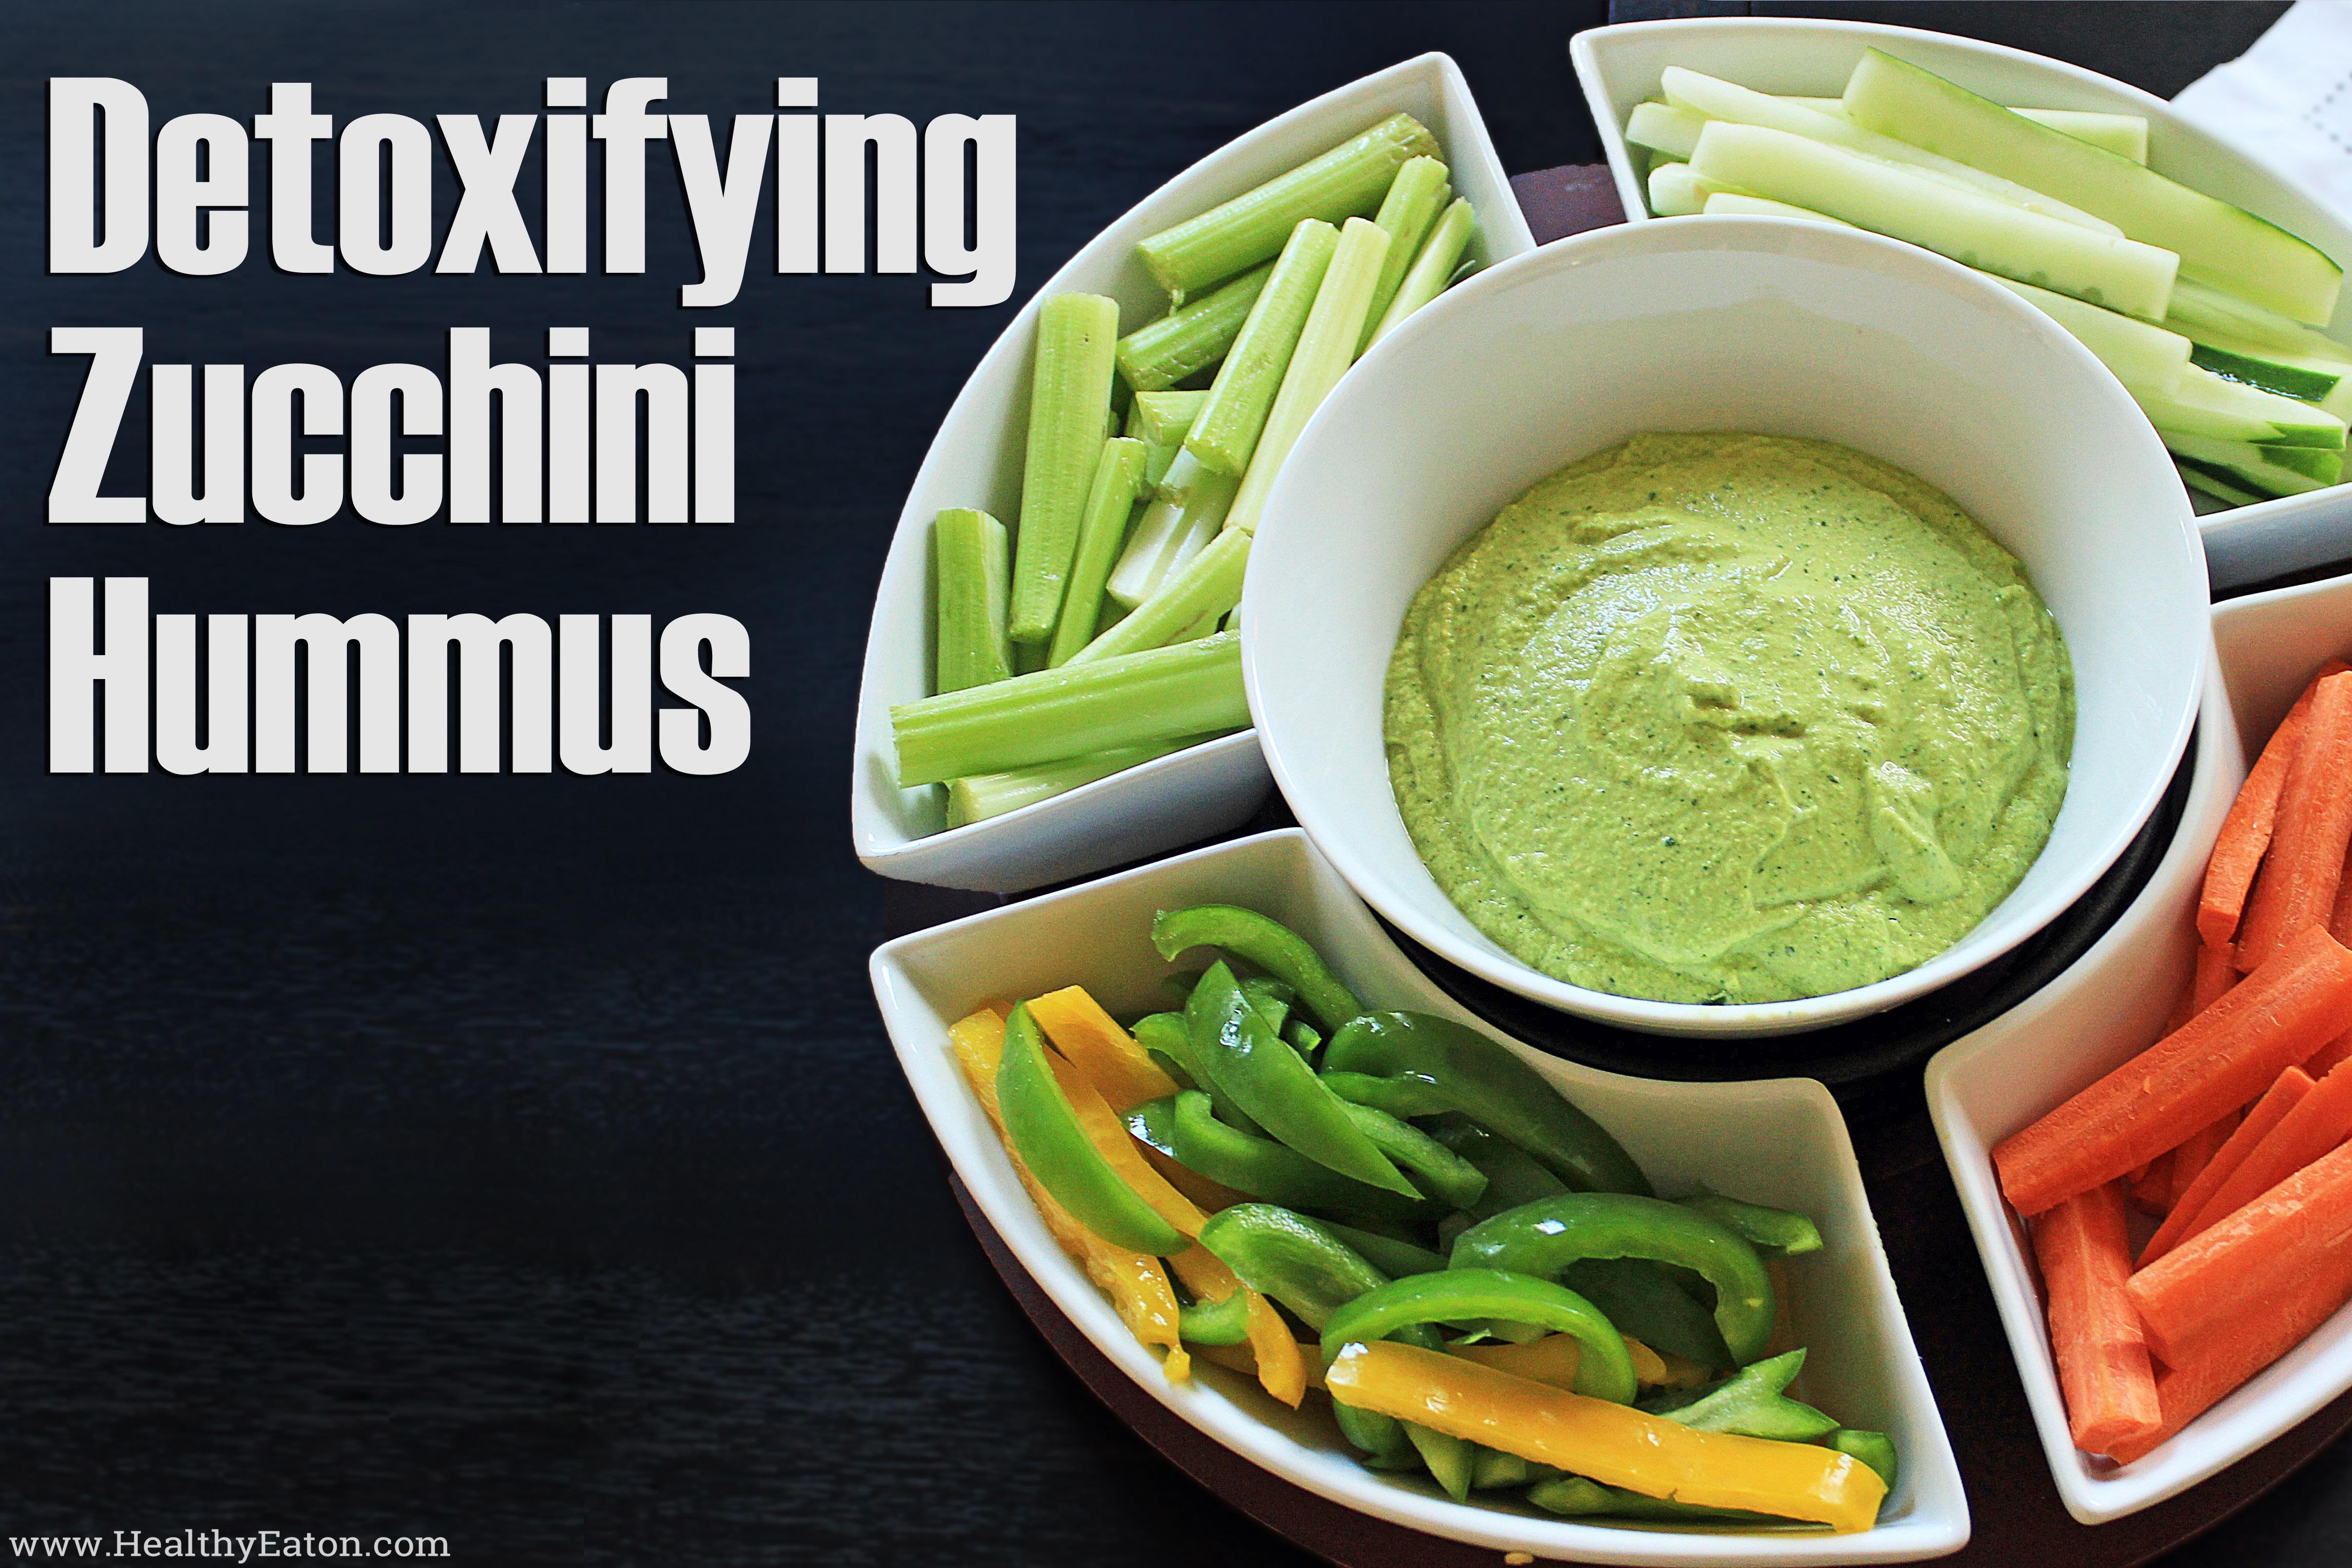 detoxifying zucchini hummus